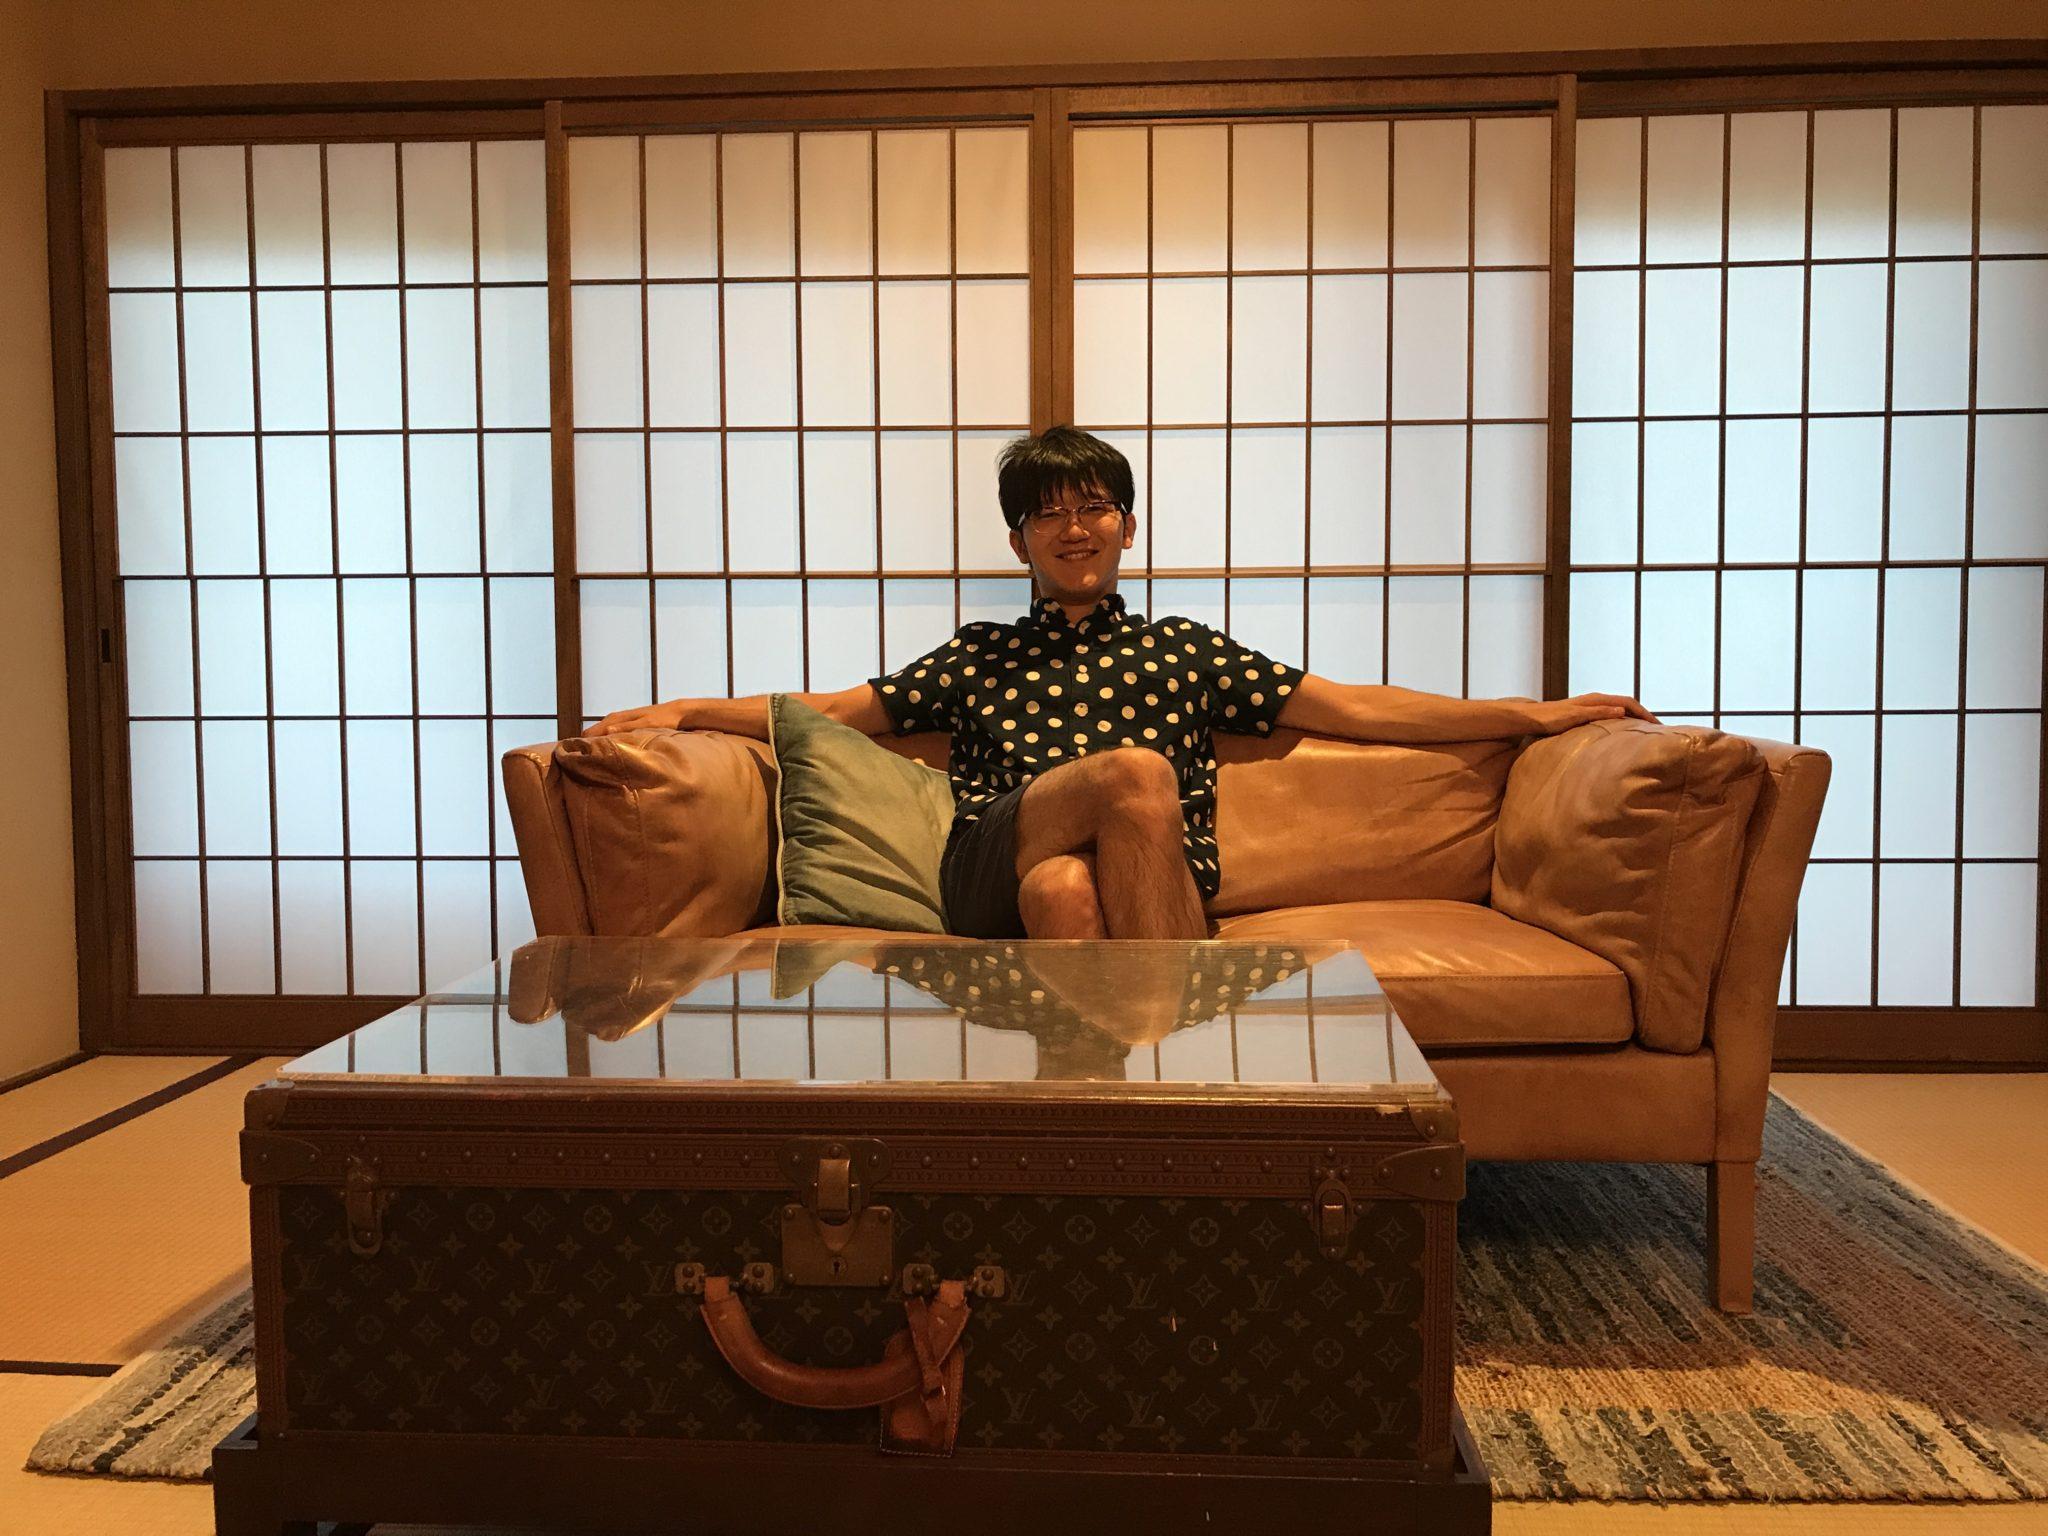 【岡山観光】湯原温泉と八景は魅力的|子連れの宿泊でも安心